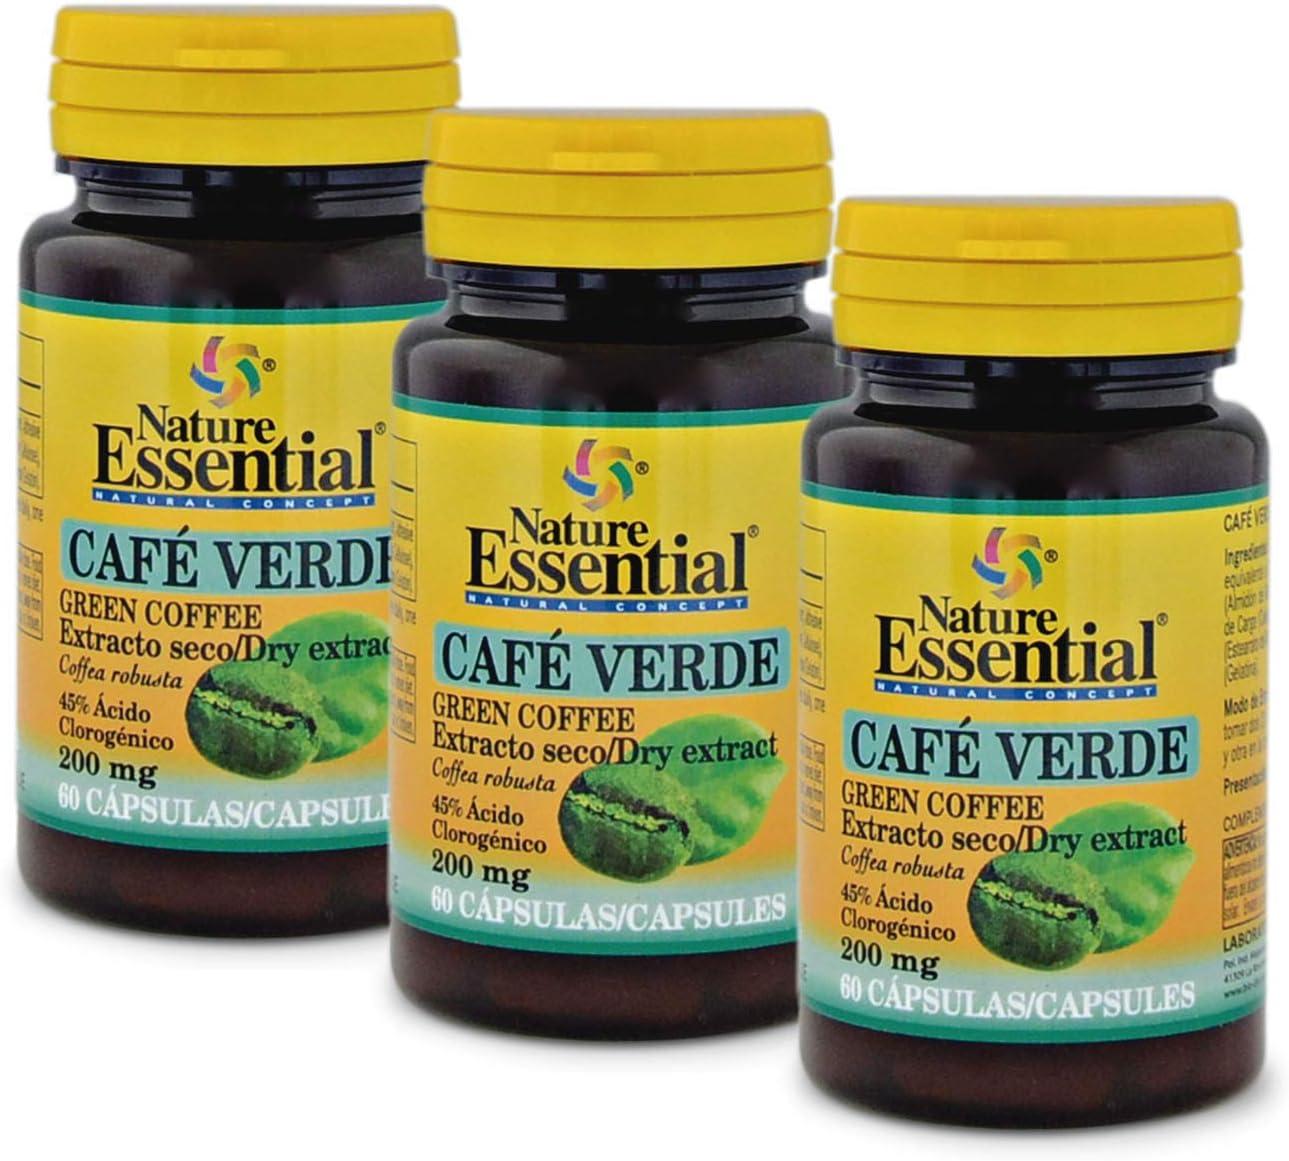 Café verde 200 mg. (ext. seco 45% ácido clorogénico) 60 capsulas (Pack 3 unid.)